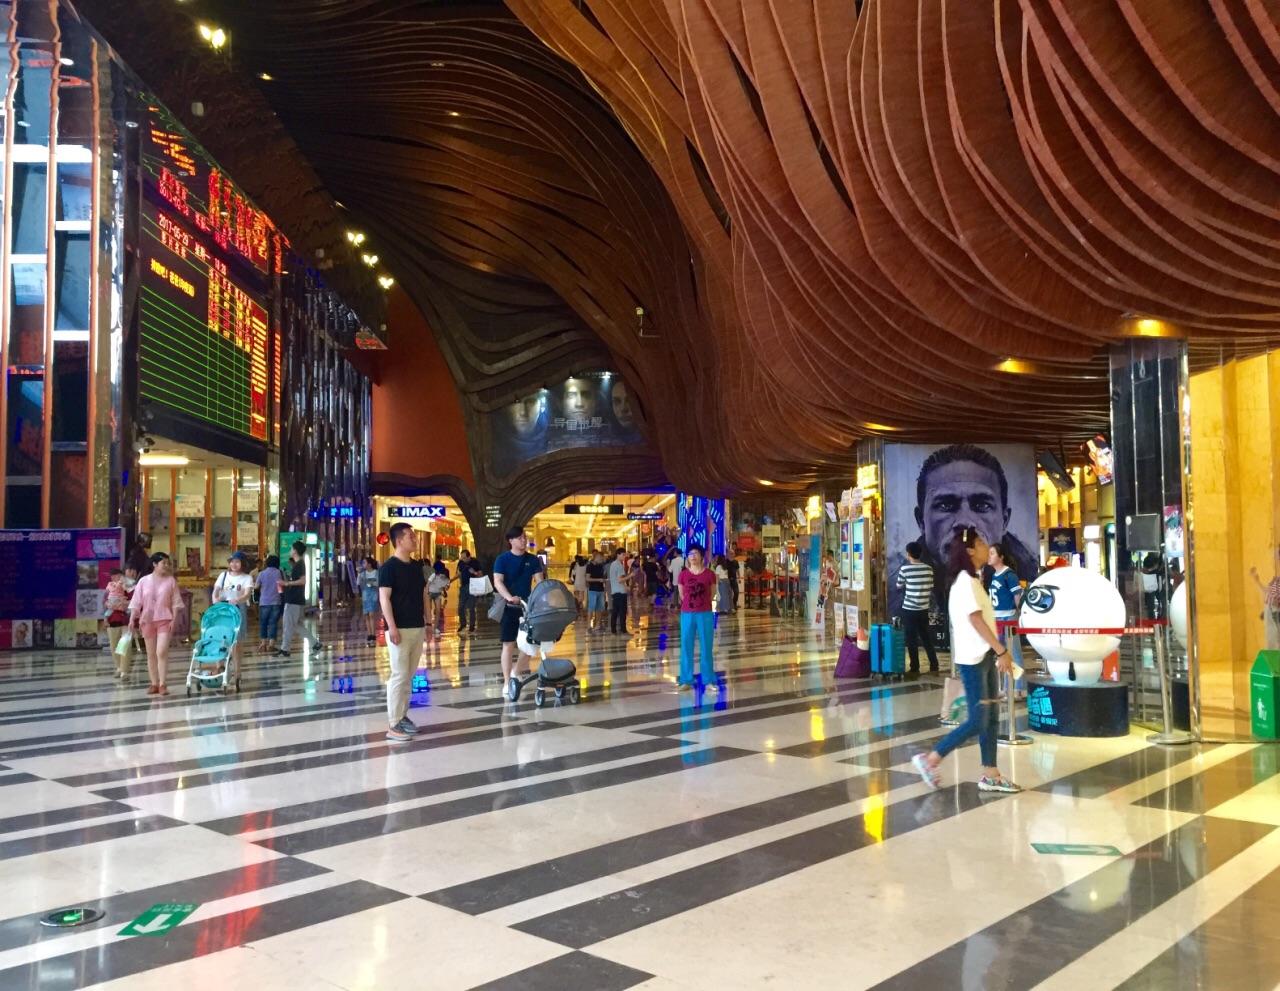 有床的电影院_成都新世纪环球中心攻略,成都新世纪环球中心门票/游玩攻略 ...